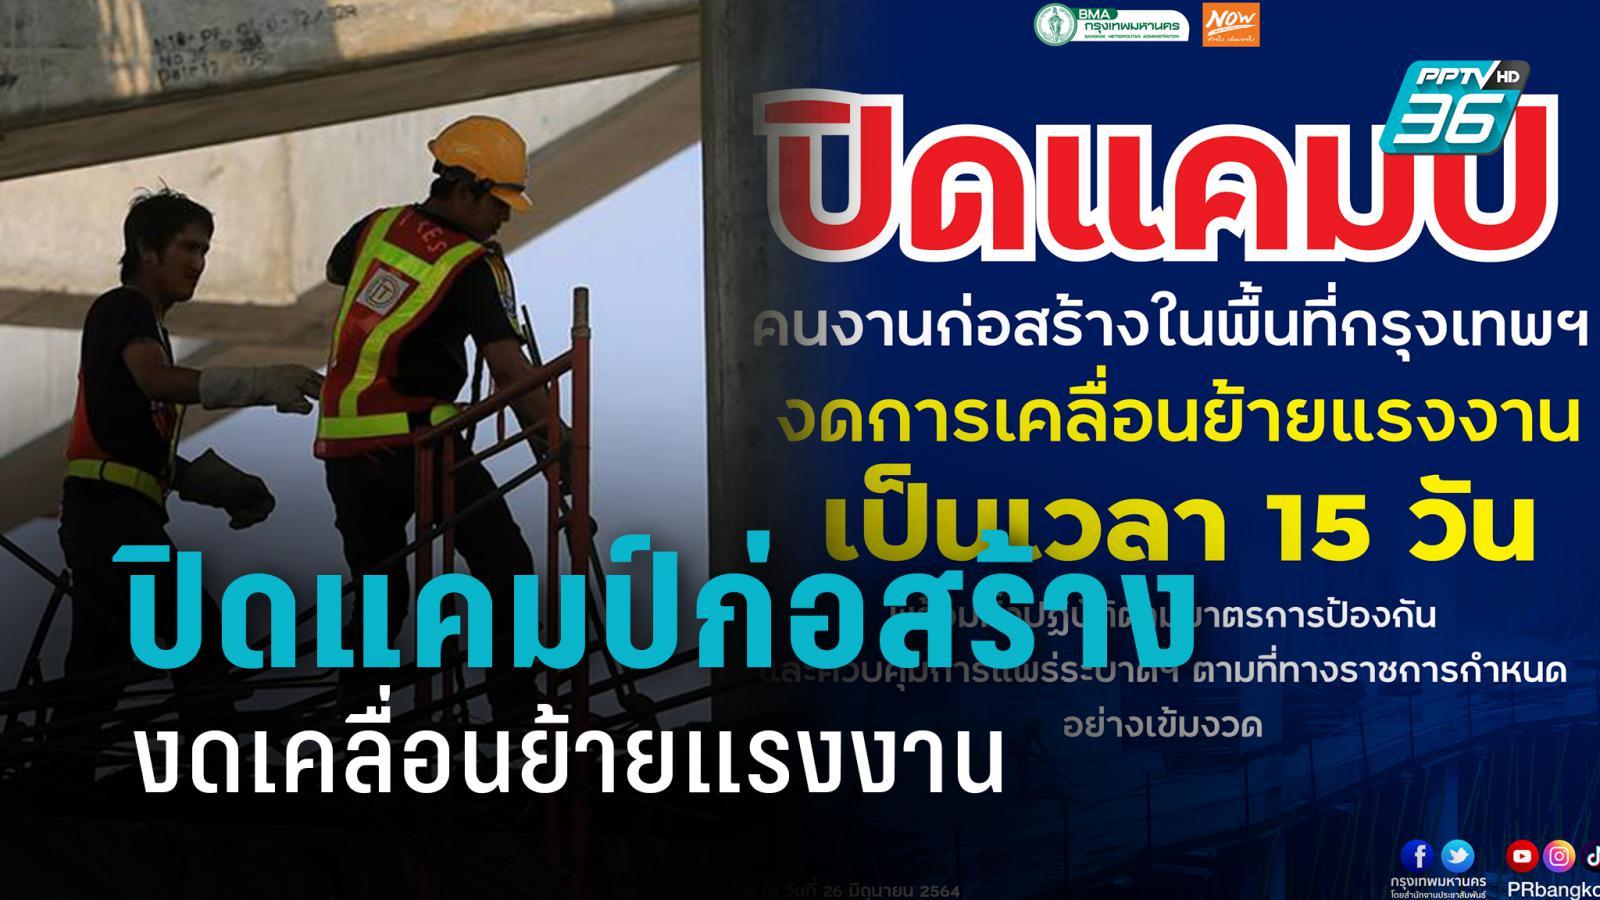 กทม.สั่งปิดแคมป์ก่อสร้าง-งดเคลื่อนย้ายแรงงาน 15 วัน : PPTVHD36